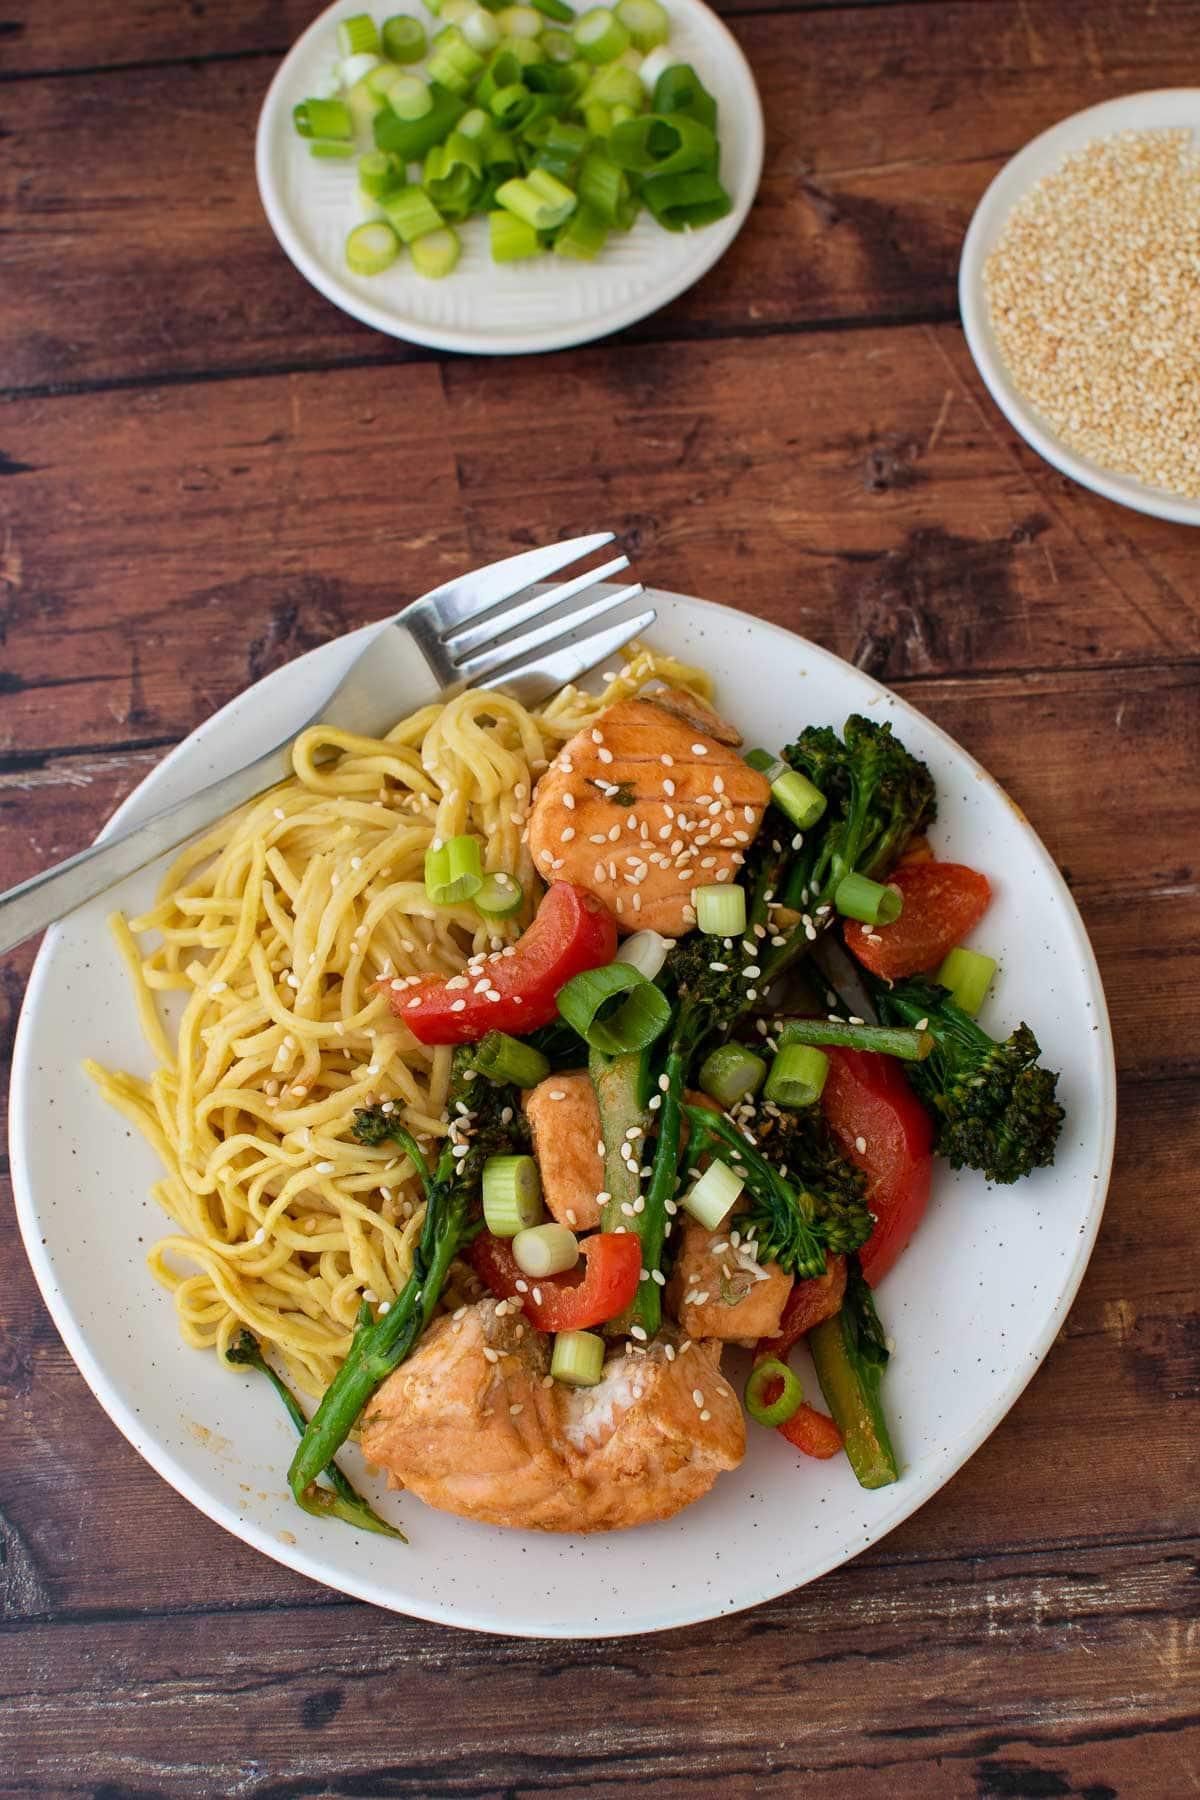 Broccoli and salmon stir fry.